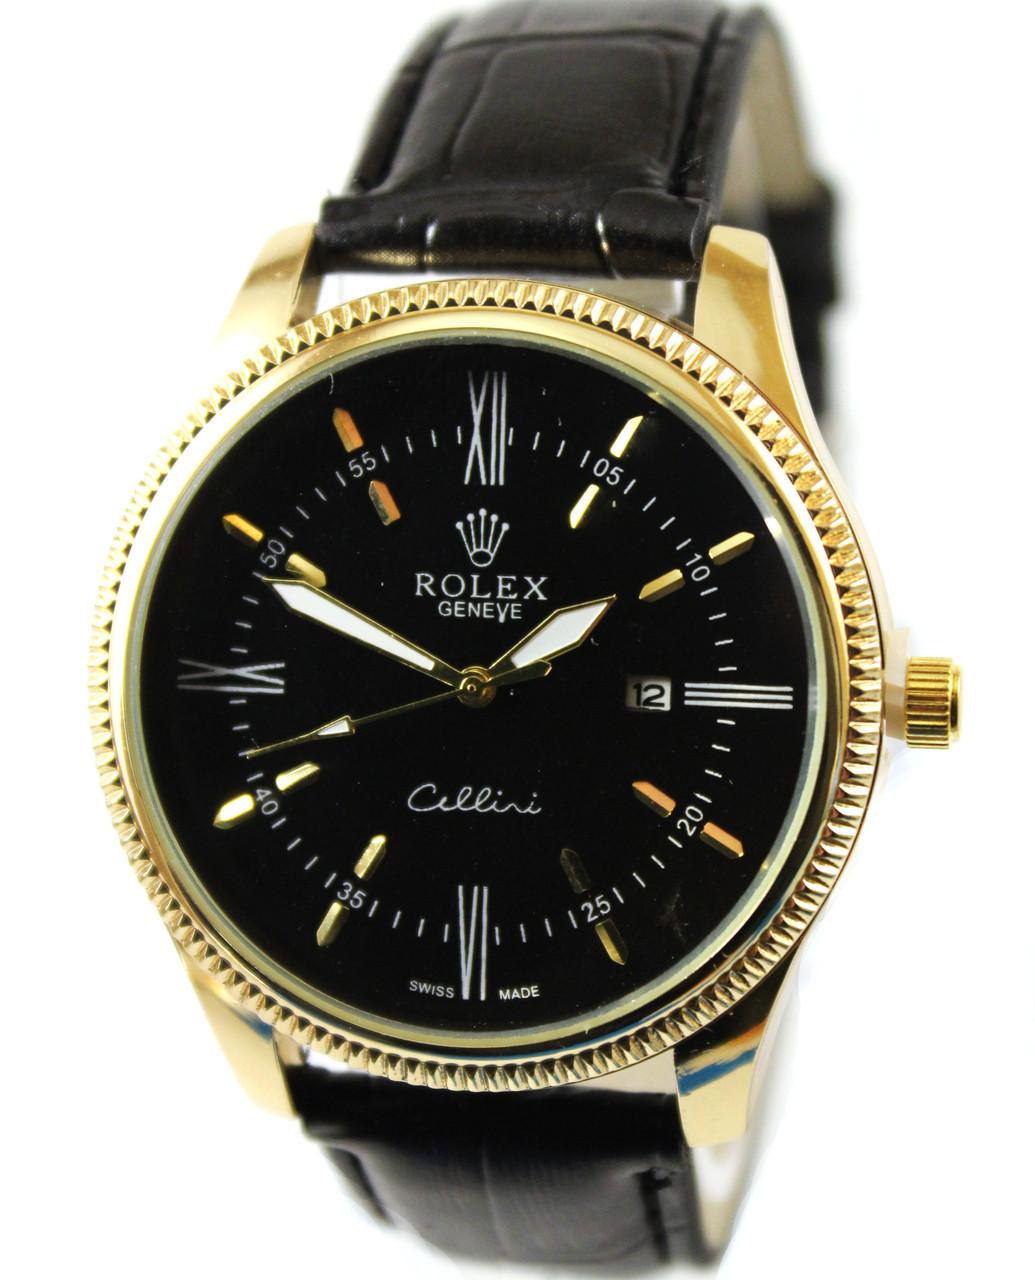 df552ce65289 Трендовые наручные часы унисекс Rolex - OptMan - самые низкие цены в Украине  в Харькове